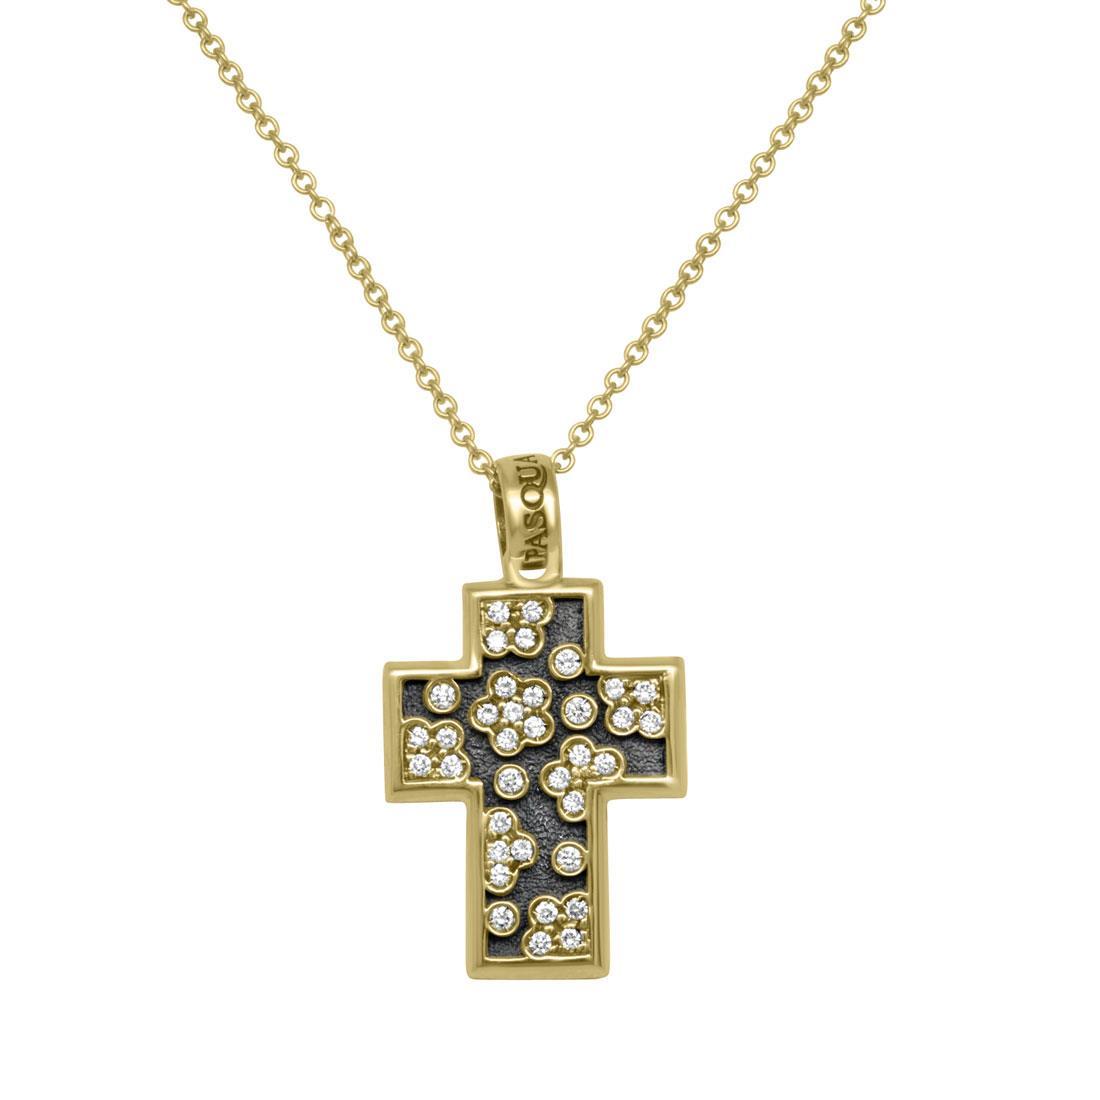 Collana in oro rosso con pendente a croce - PASQUALE BRUNI